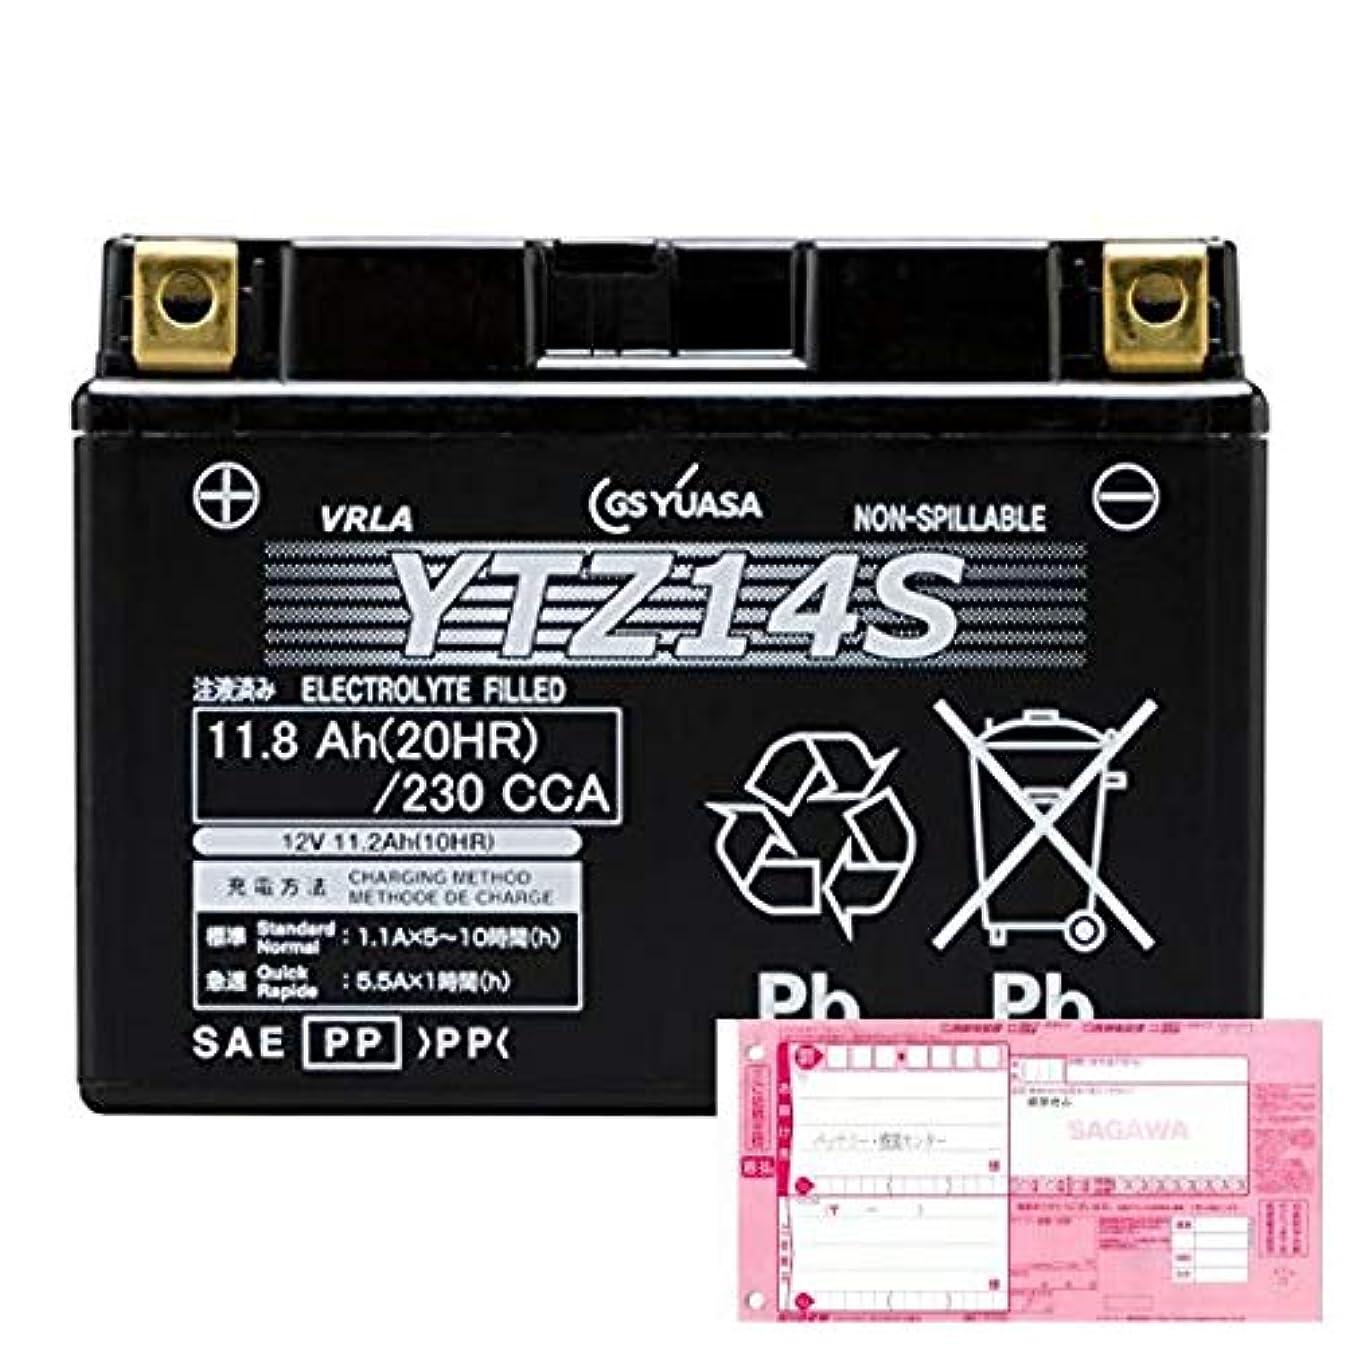 階コンパクト泥だらけAQUA DREAM 廃棄バッテリー引取対応付 バイクバッテリー GS YUASA YTZ14S